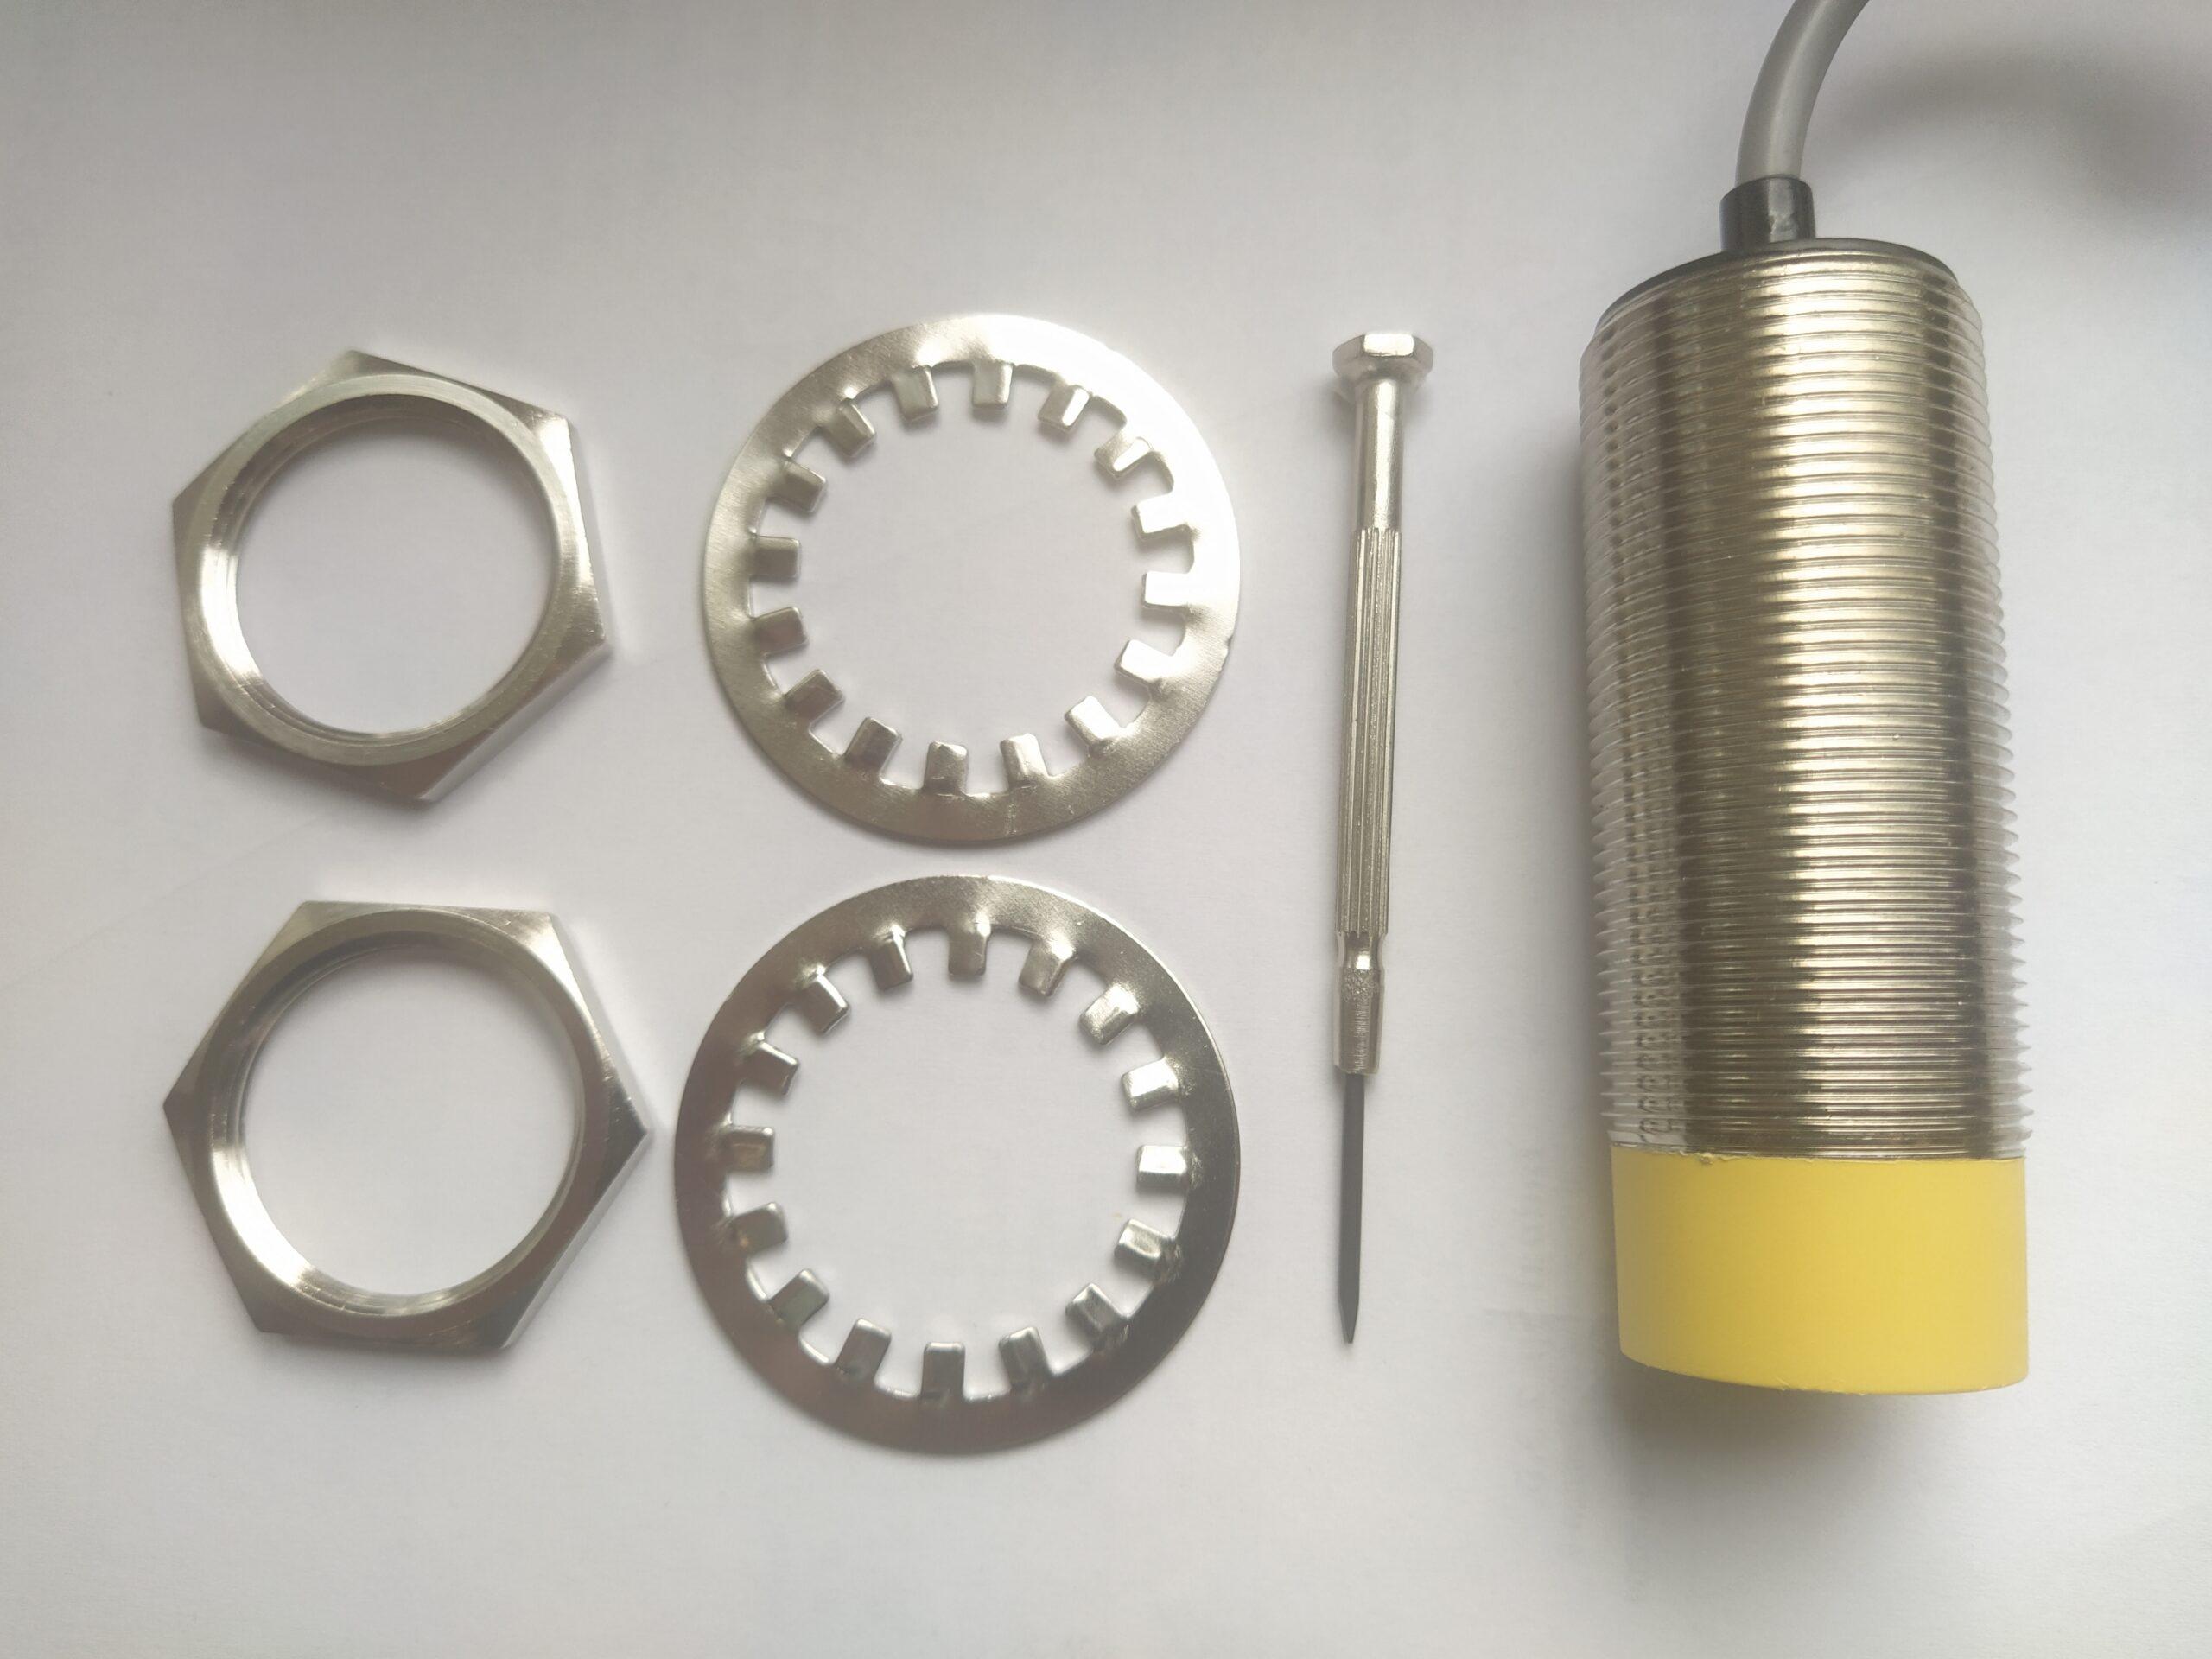 EC30N30DPO – czujnik pojemnościowy, M30, zasięg 5-30mm, PNP, NO, przewód 2m, obudowa metalowa, IP67, dioda LED, 10-30V DC, Indual